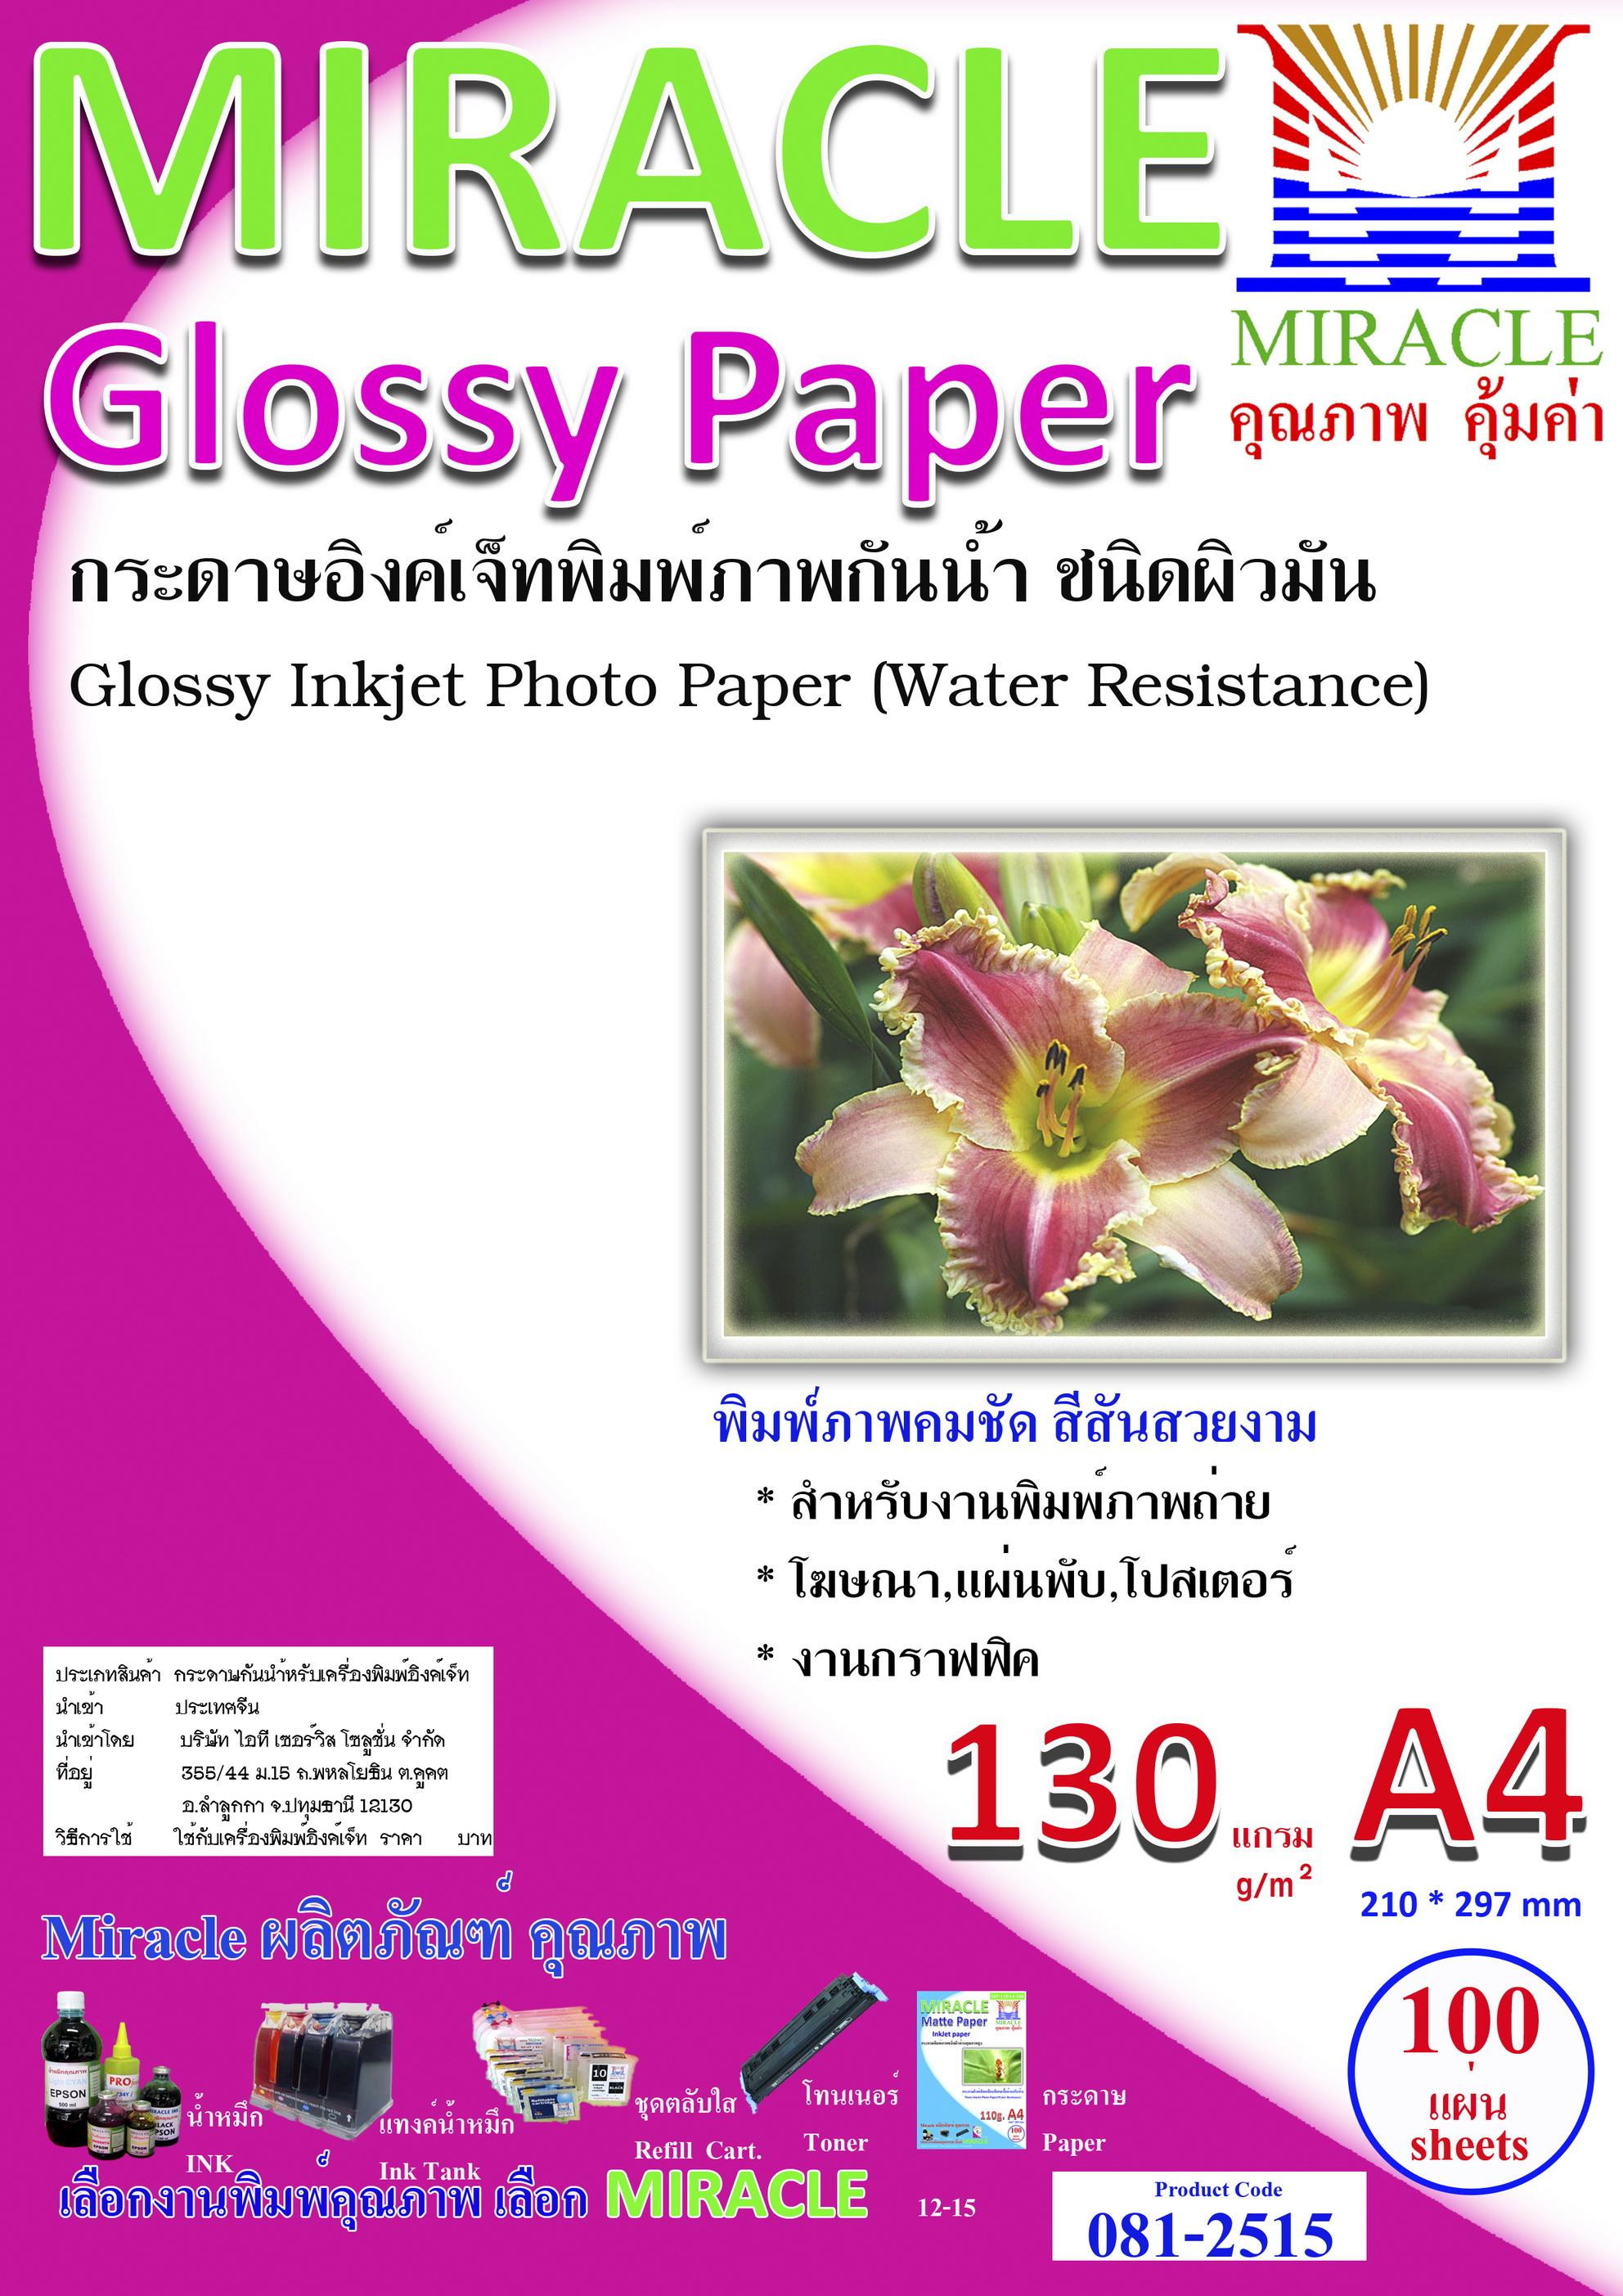 กระดาษอิ้งค์เจ็ทพิมพ์ภาพกันน้ำ ชนิดผิวมัน หนา 130 แกรม ขนาด A4 จำนวน 100 แผ่น